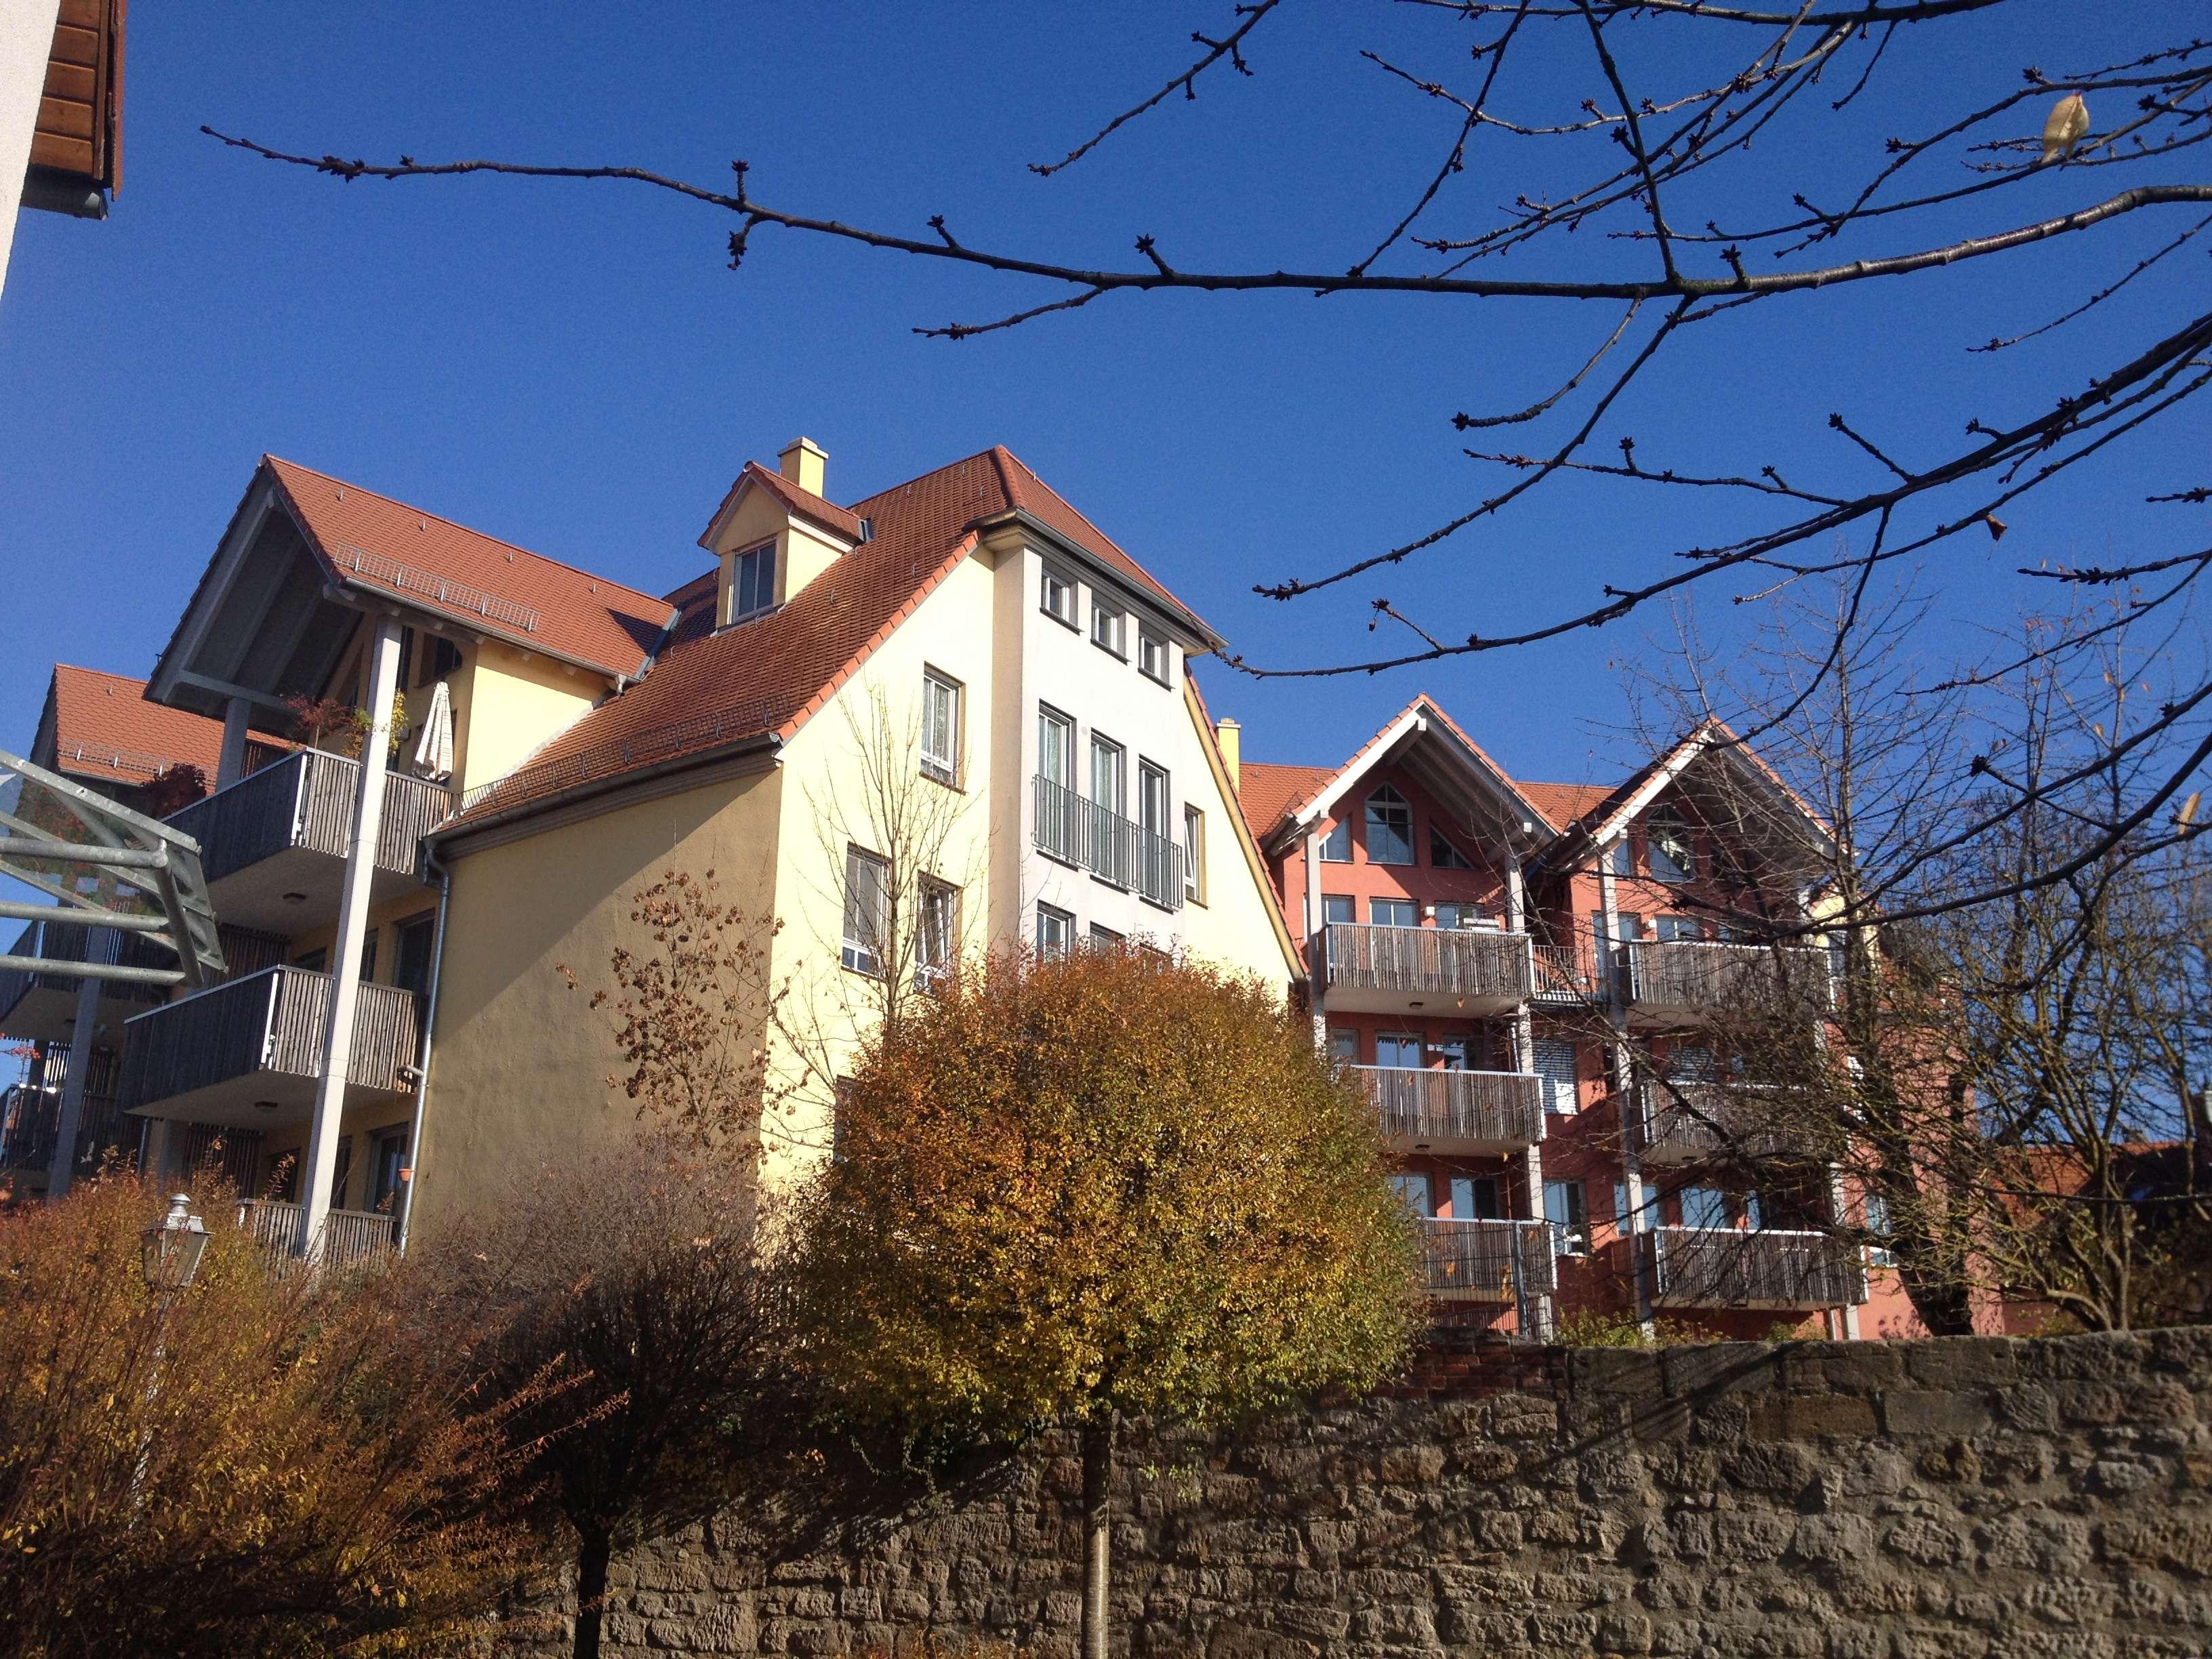 großzügige gut ausgestattete 4-Zimmerwohnung im Herzen Herzogenaurachs in Herzogenaurach